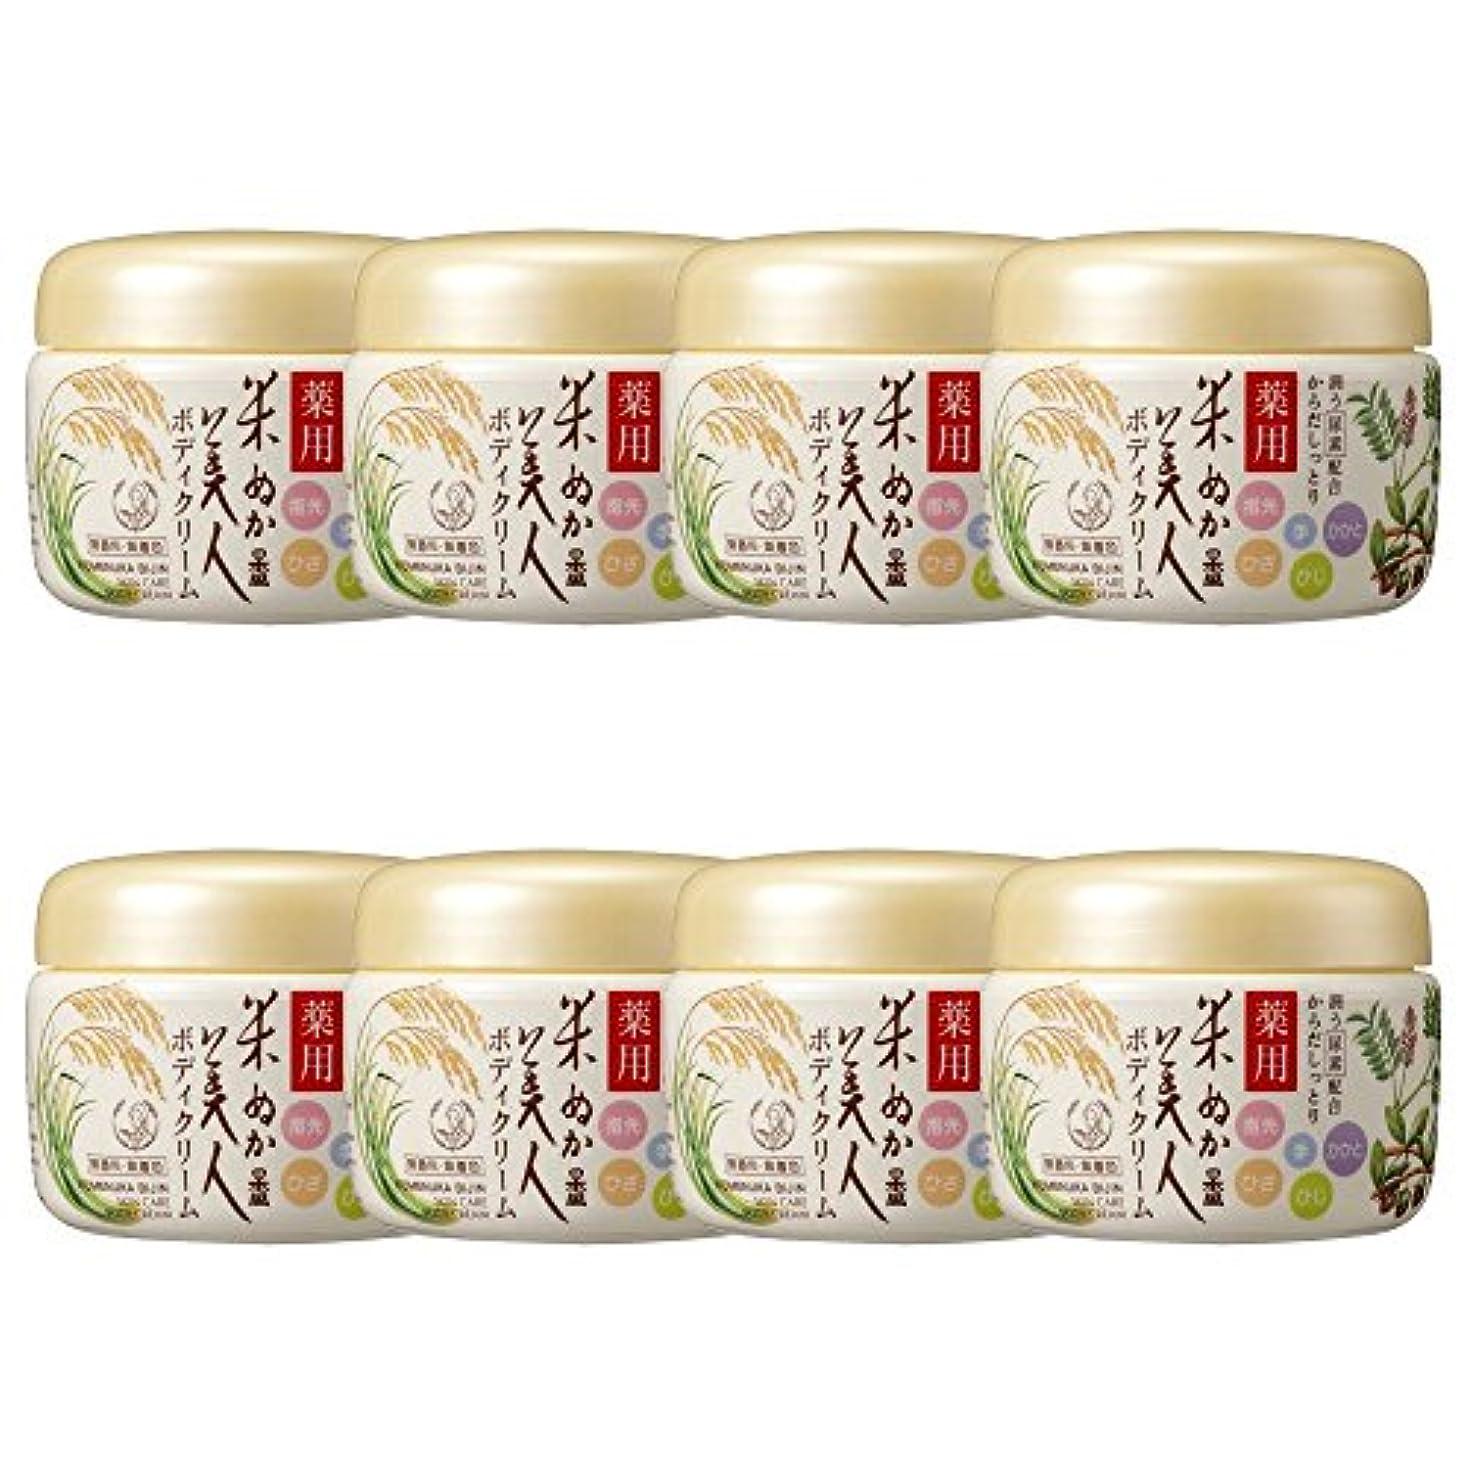 さまよう軽く誘発する【セット】米ぬか美人 薬用ボディクリーム 140g ×8個